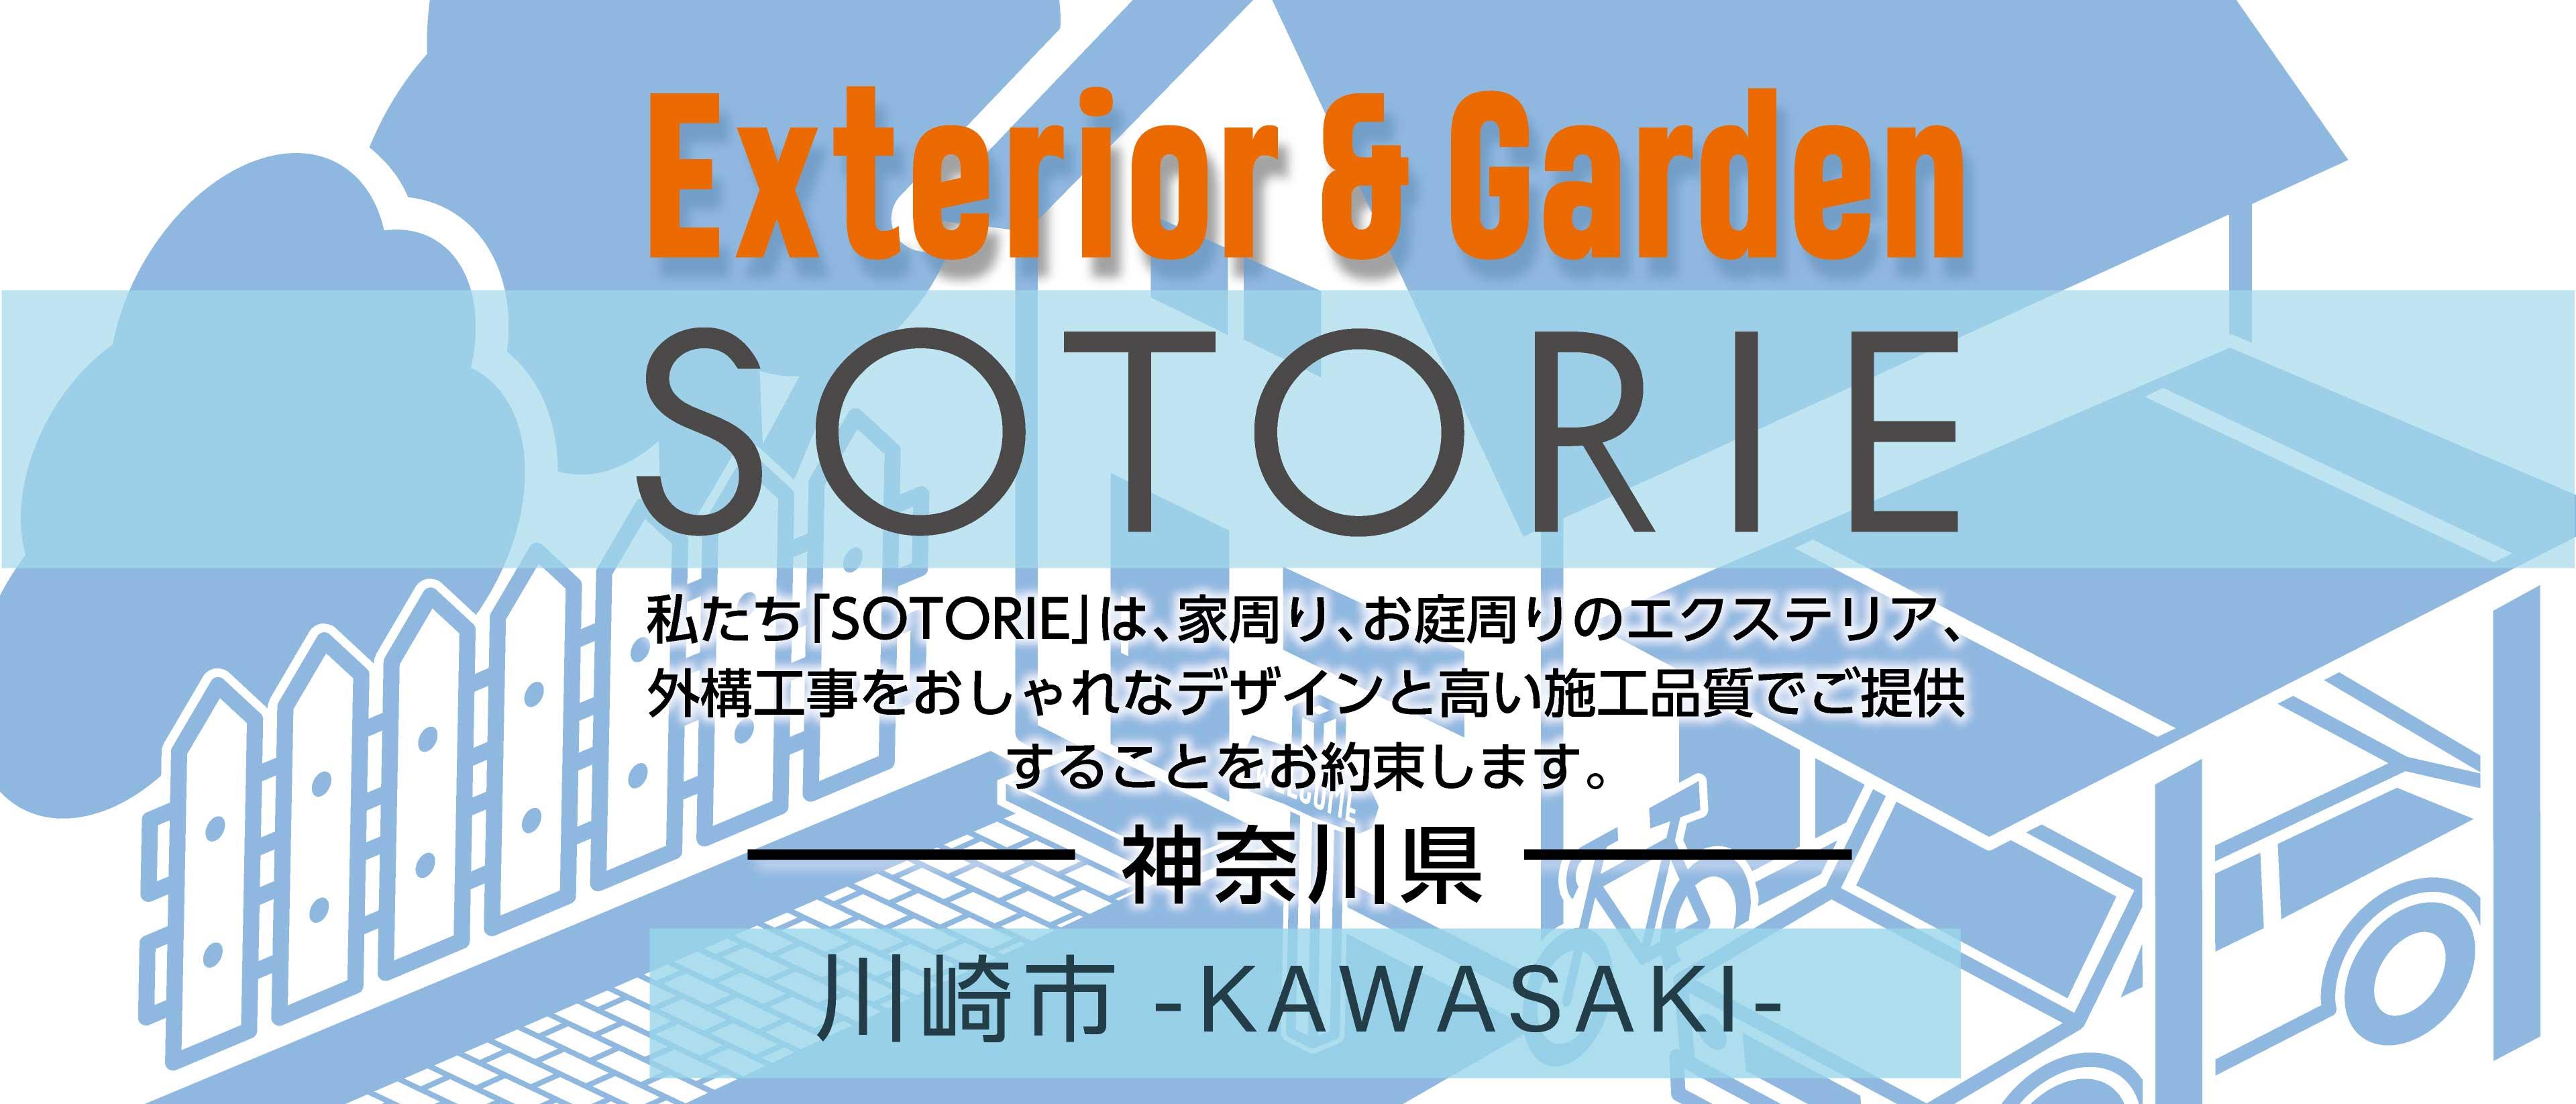 ソトリエ川崎市では、家周りと庭周りの外構、エクステリア工事をおしゃれなデザインと高い施工品質でご提供することをお約束します。